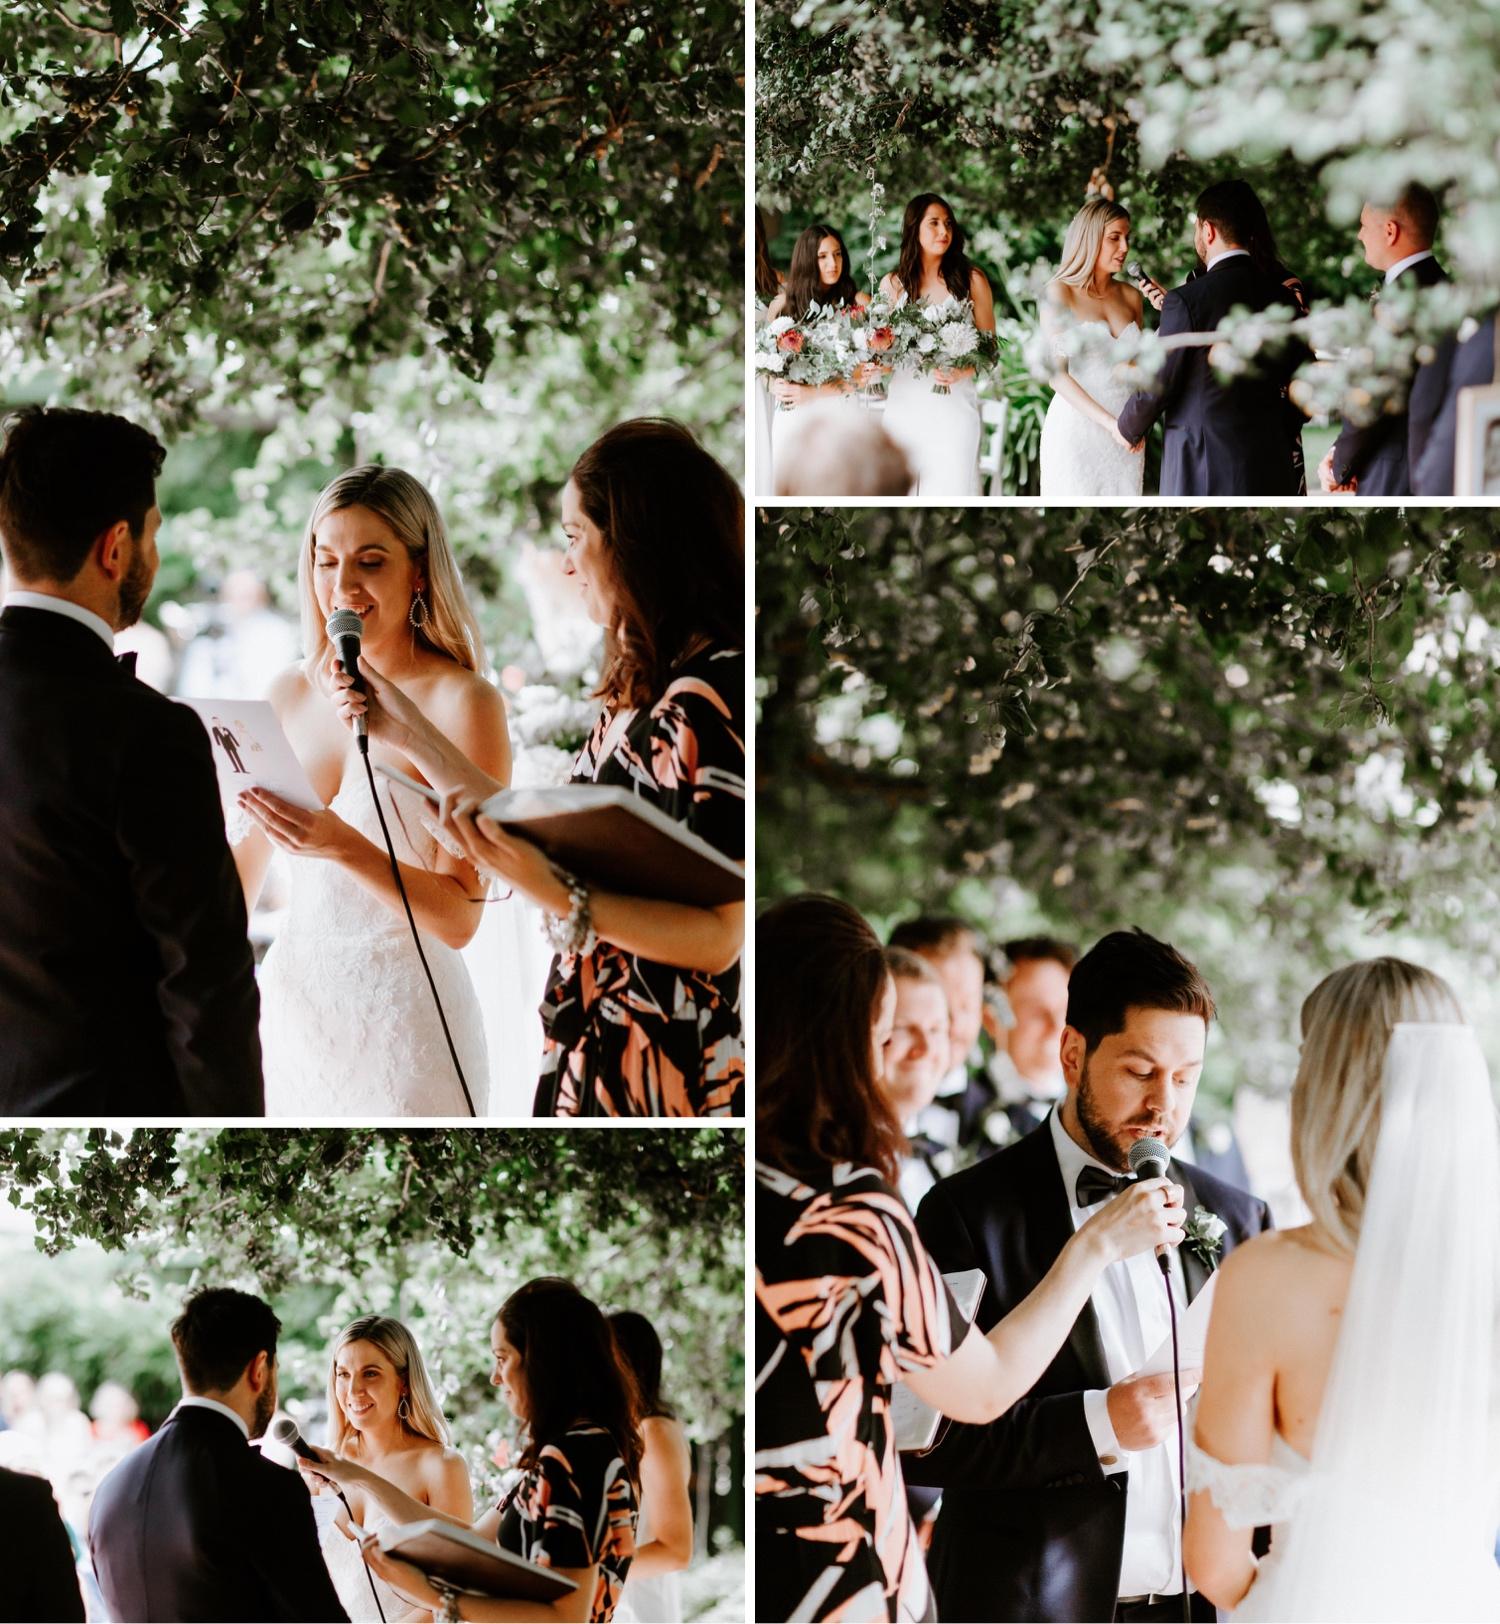 050_Steph_Tom_Wedding_Photos-351_Steph_Tom_Wedding_Photos-349_Steph_Tom_Wedding_Photos-345_Steph_Tom_Wedding_Photos-338.jpg